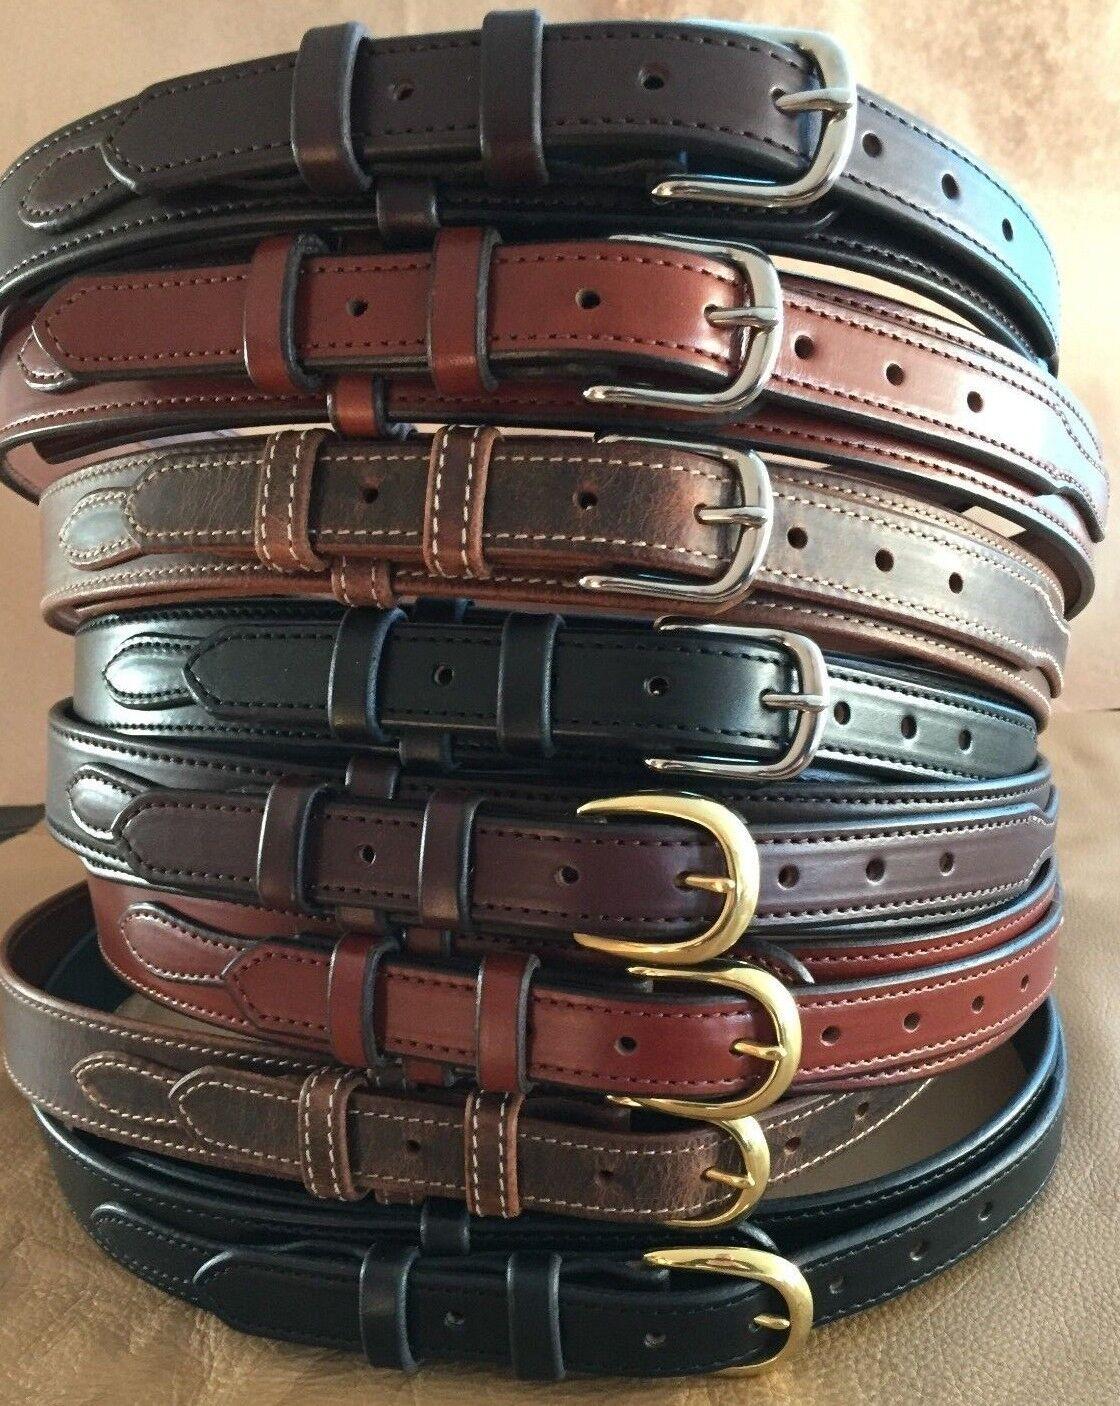 1-1 2 Amisch Handgefertigt Western Cowboy Texas Ranger Style Ledergürtel 3.8cm | Einfach zu spielen, freies Leben